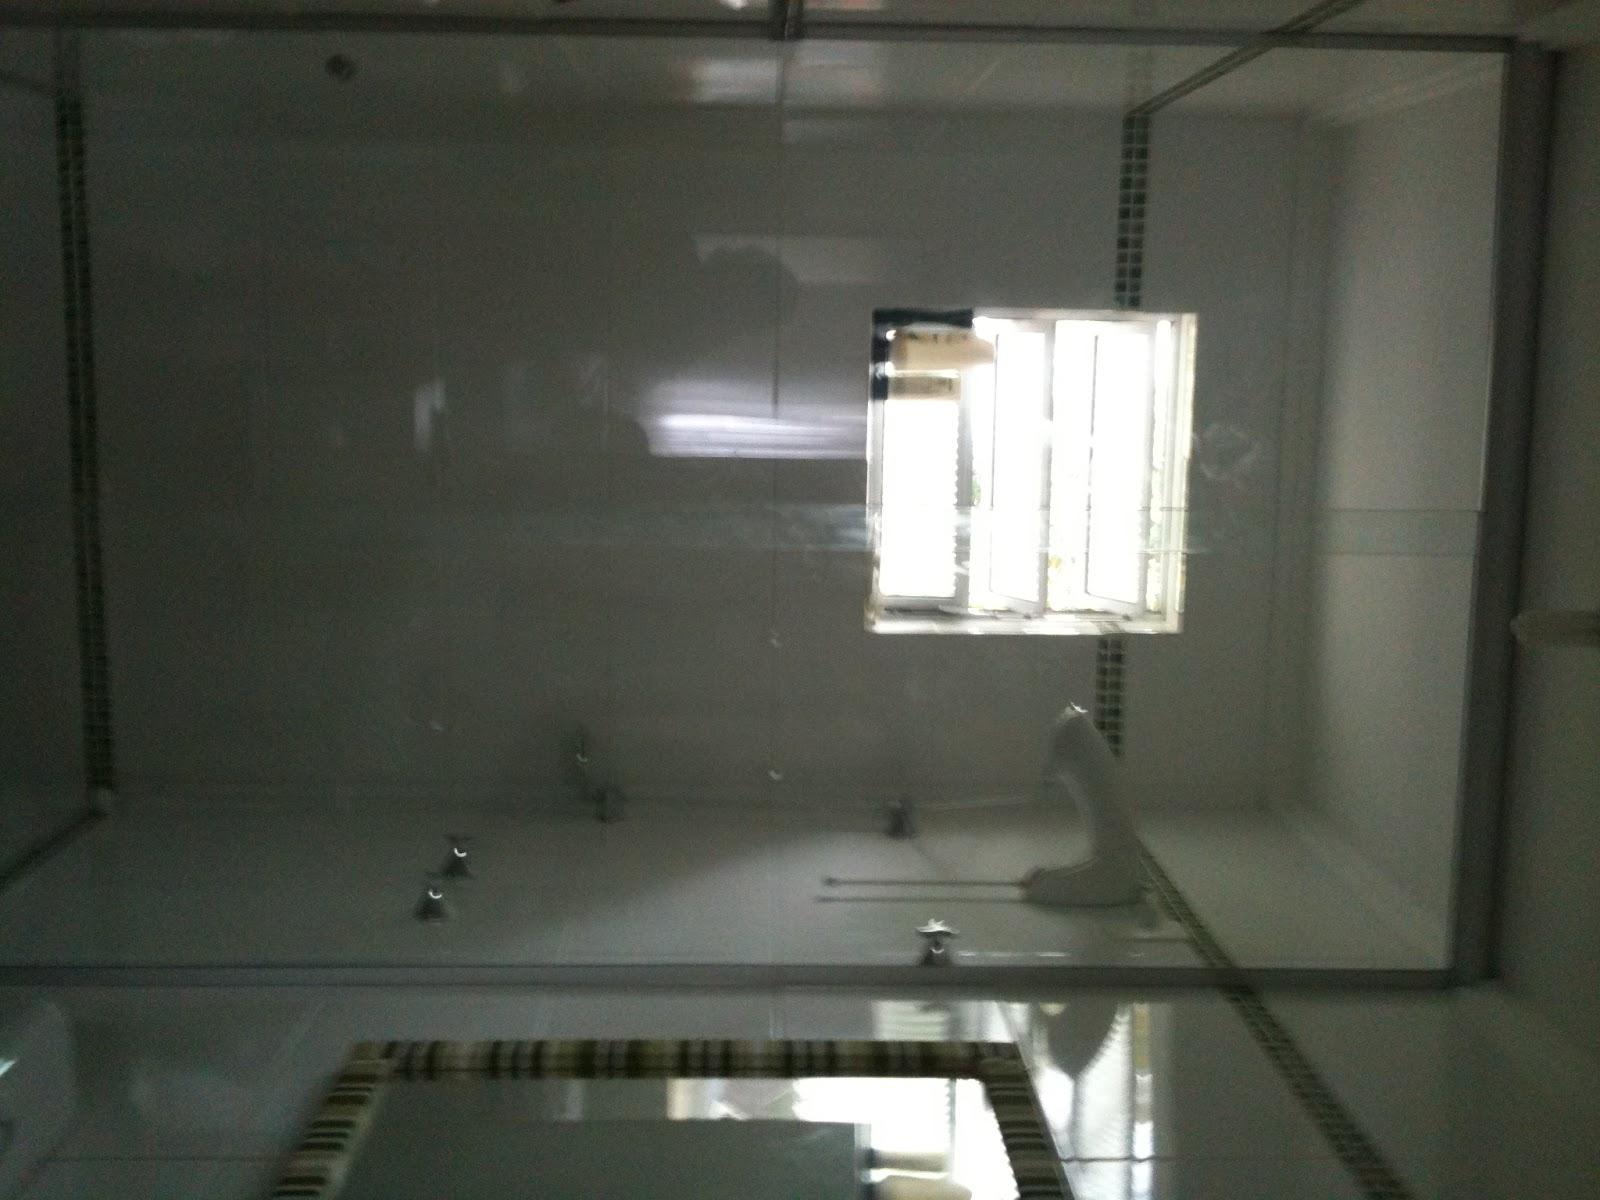 Vidro do box vai até o teto para não vaporizar o banheiro todo! #746F57 1600 1200